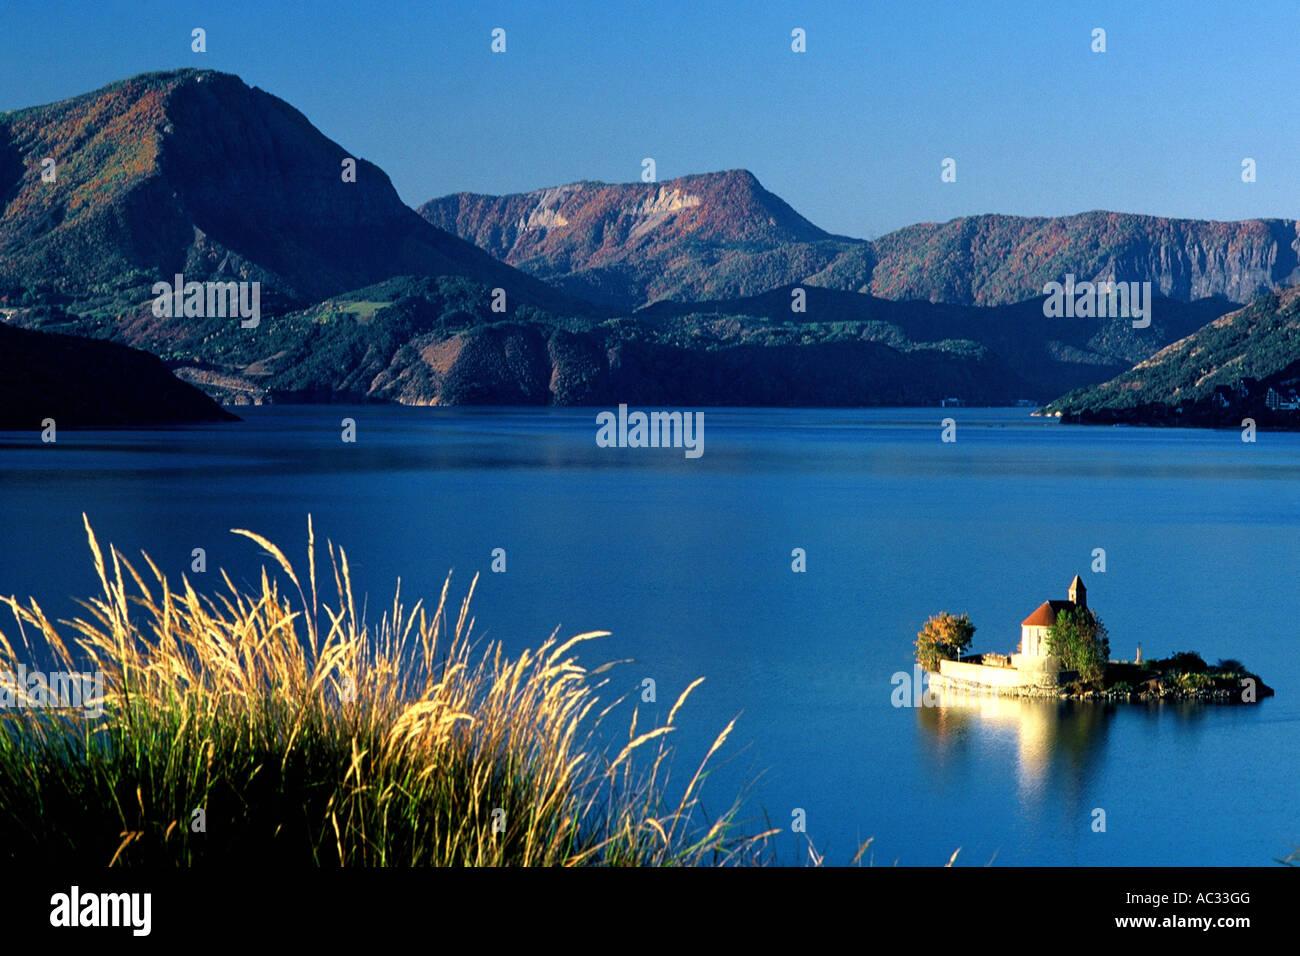 Petite église Saint Michel dans le lac de Serre Ponon près de Brianon, France, Hautes-Alpes, Briançon Banque D'Images